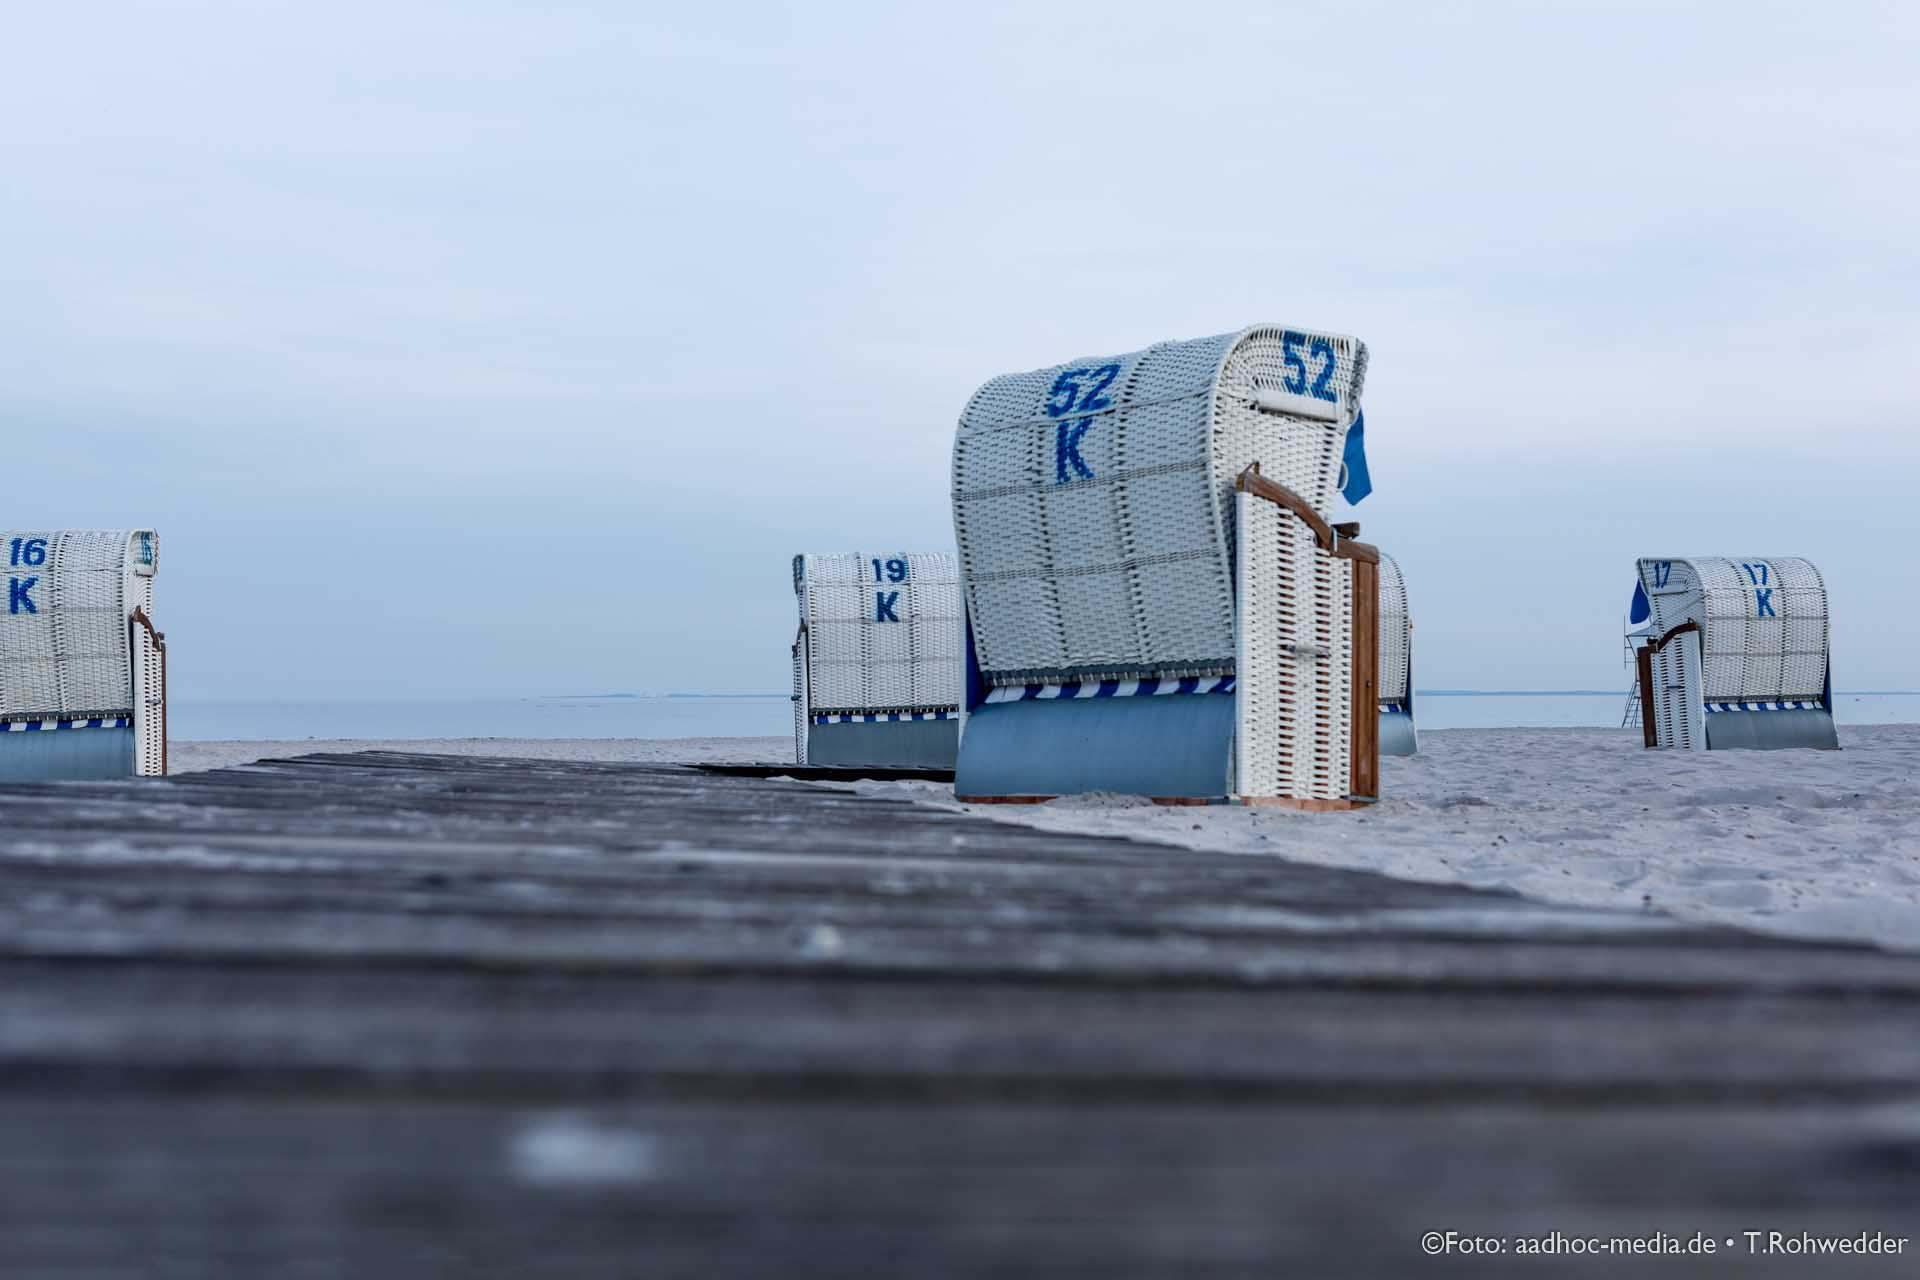 Strandkorb in Grömitz - zusammen mit einem Brautpaar auch immer wieder ein ideales Motiv für exklusive Hochzeitsfotos an der Ostsee...